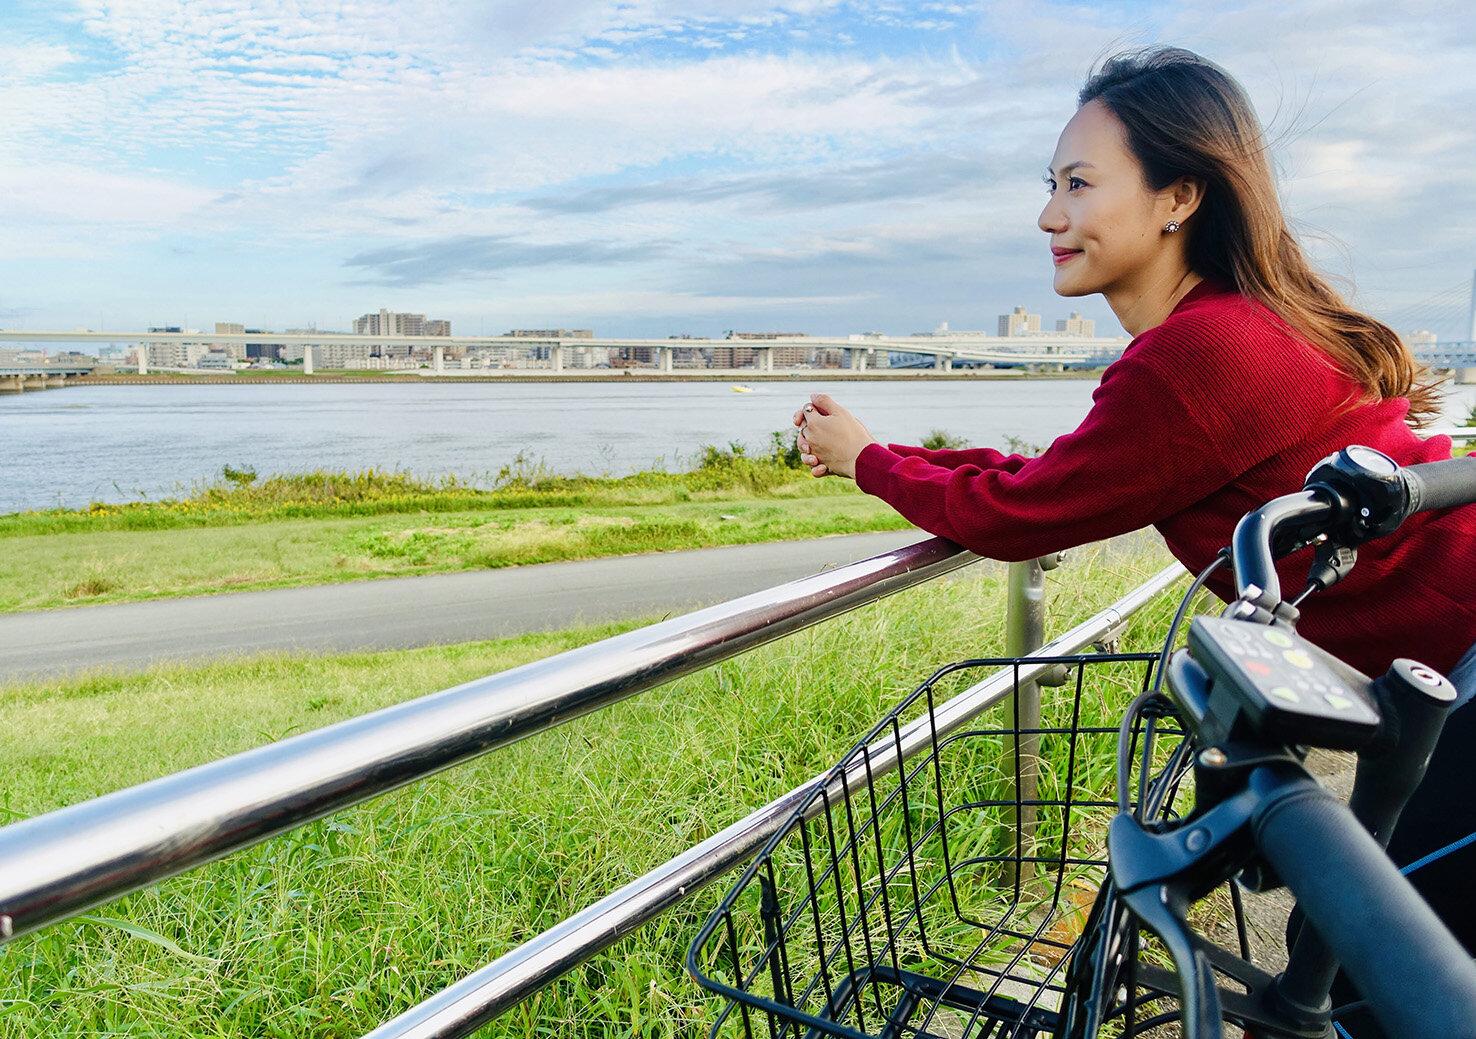 荒川サイクリングロードでツーリングを楽しもう!